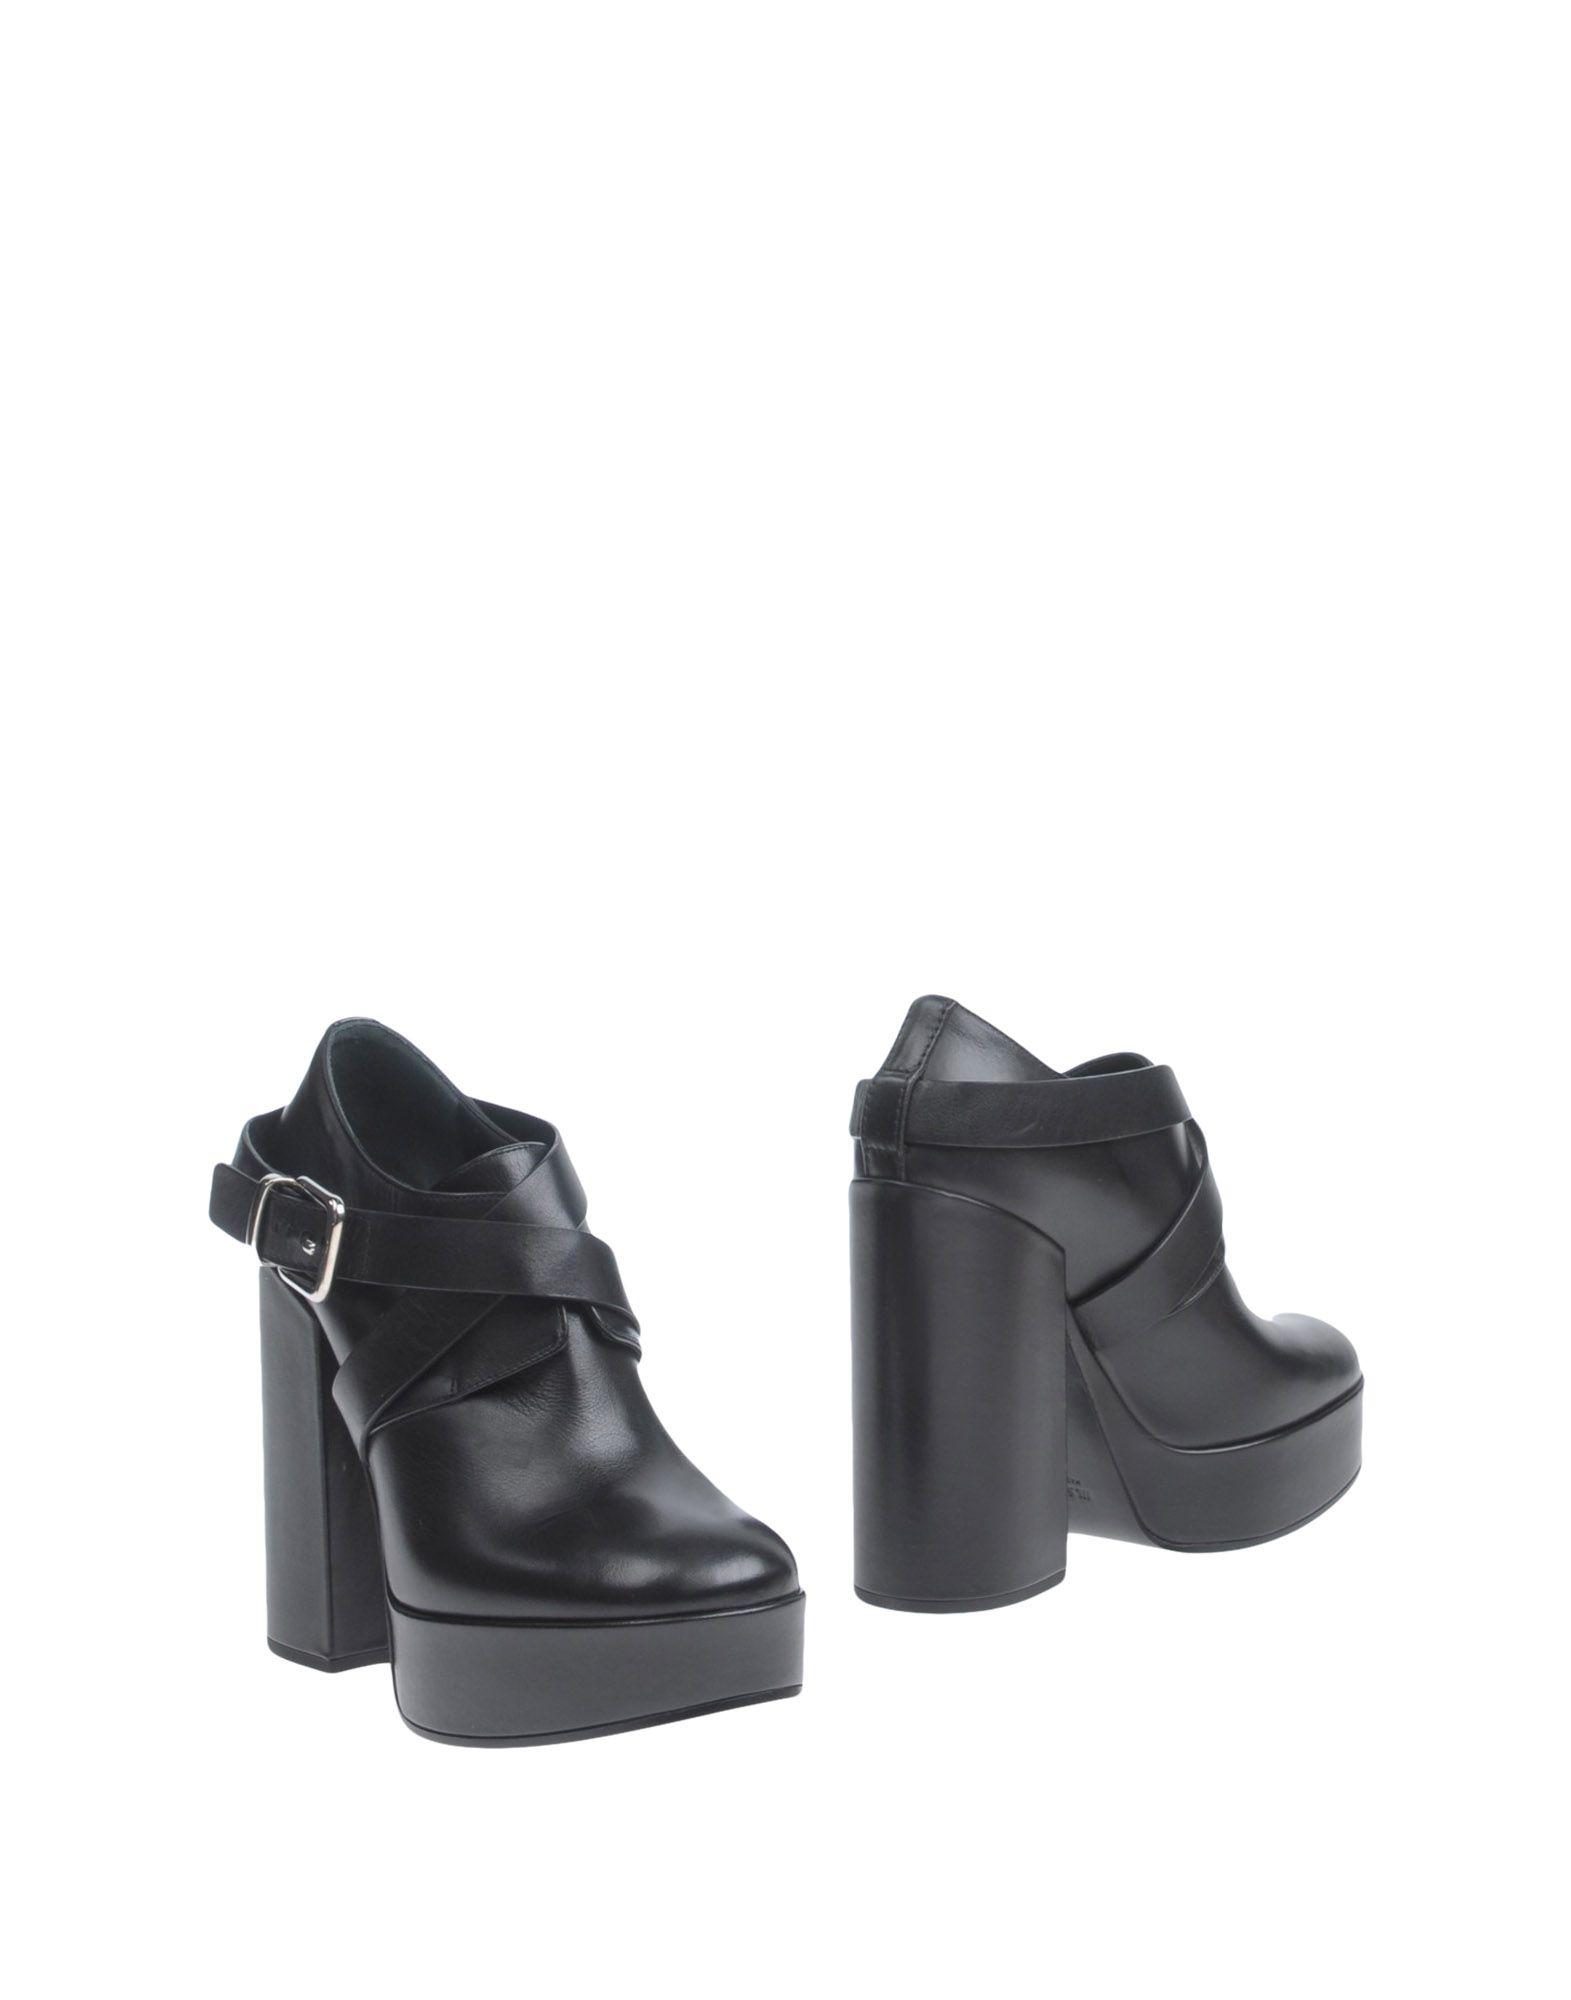 ФОТО jil sander ботинки